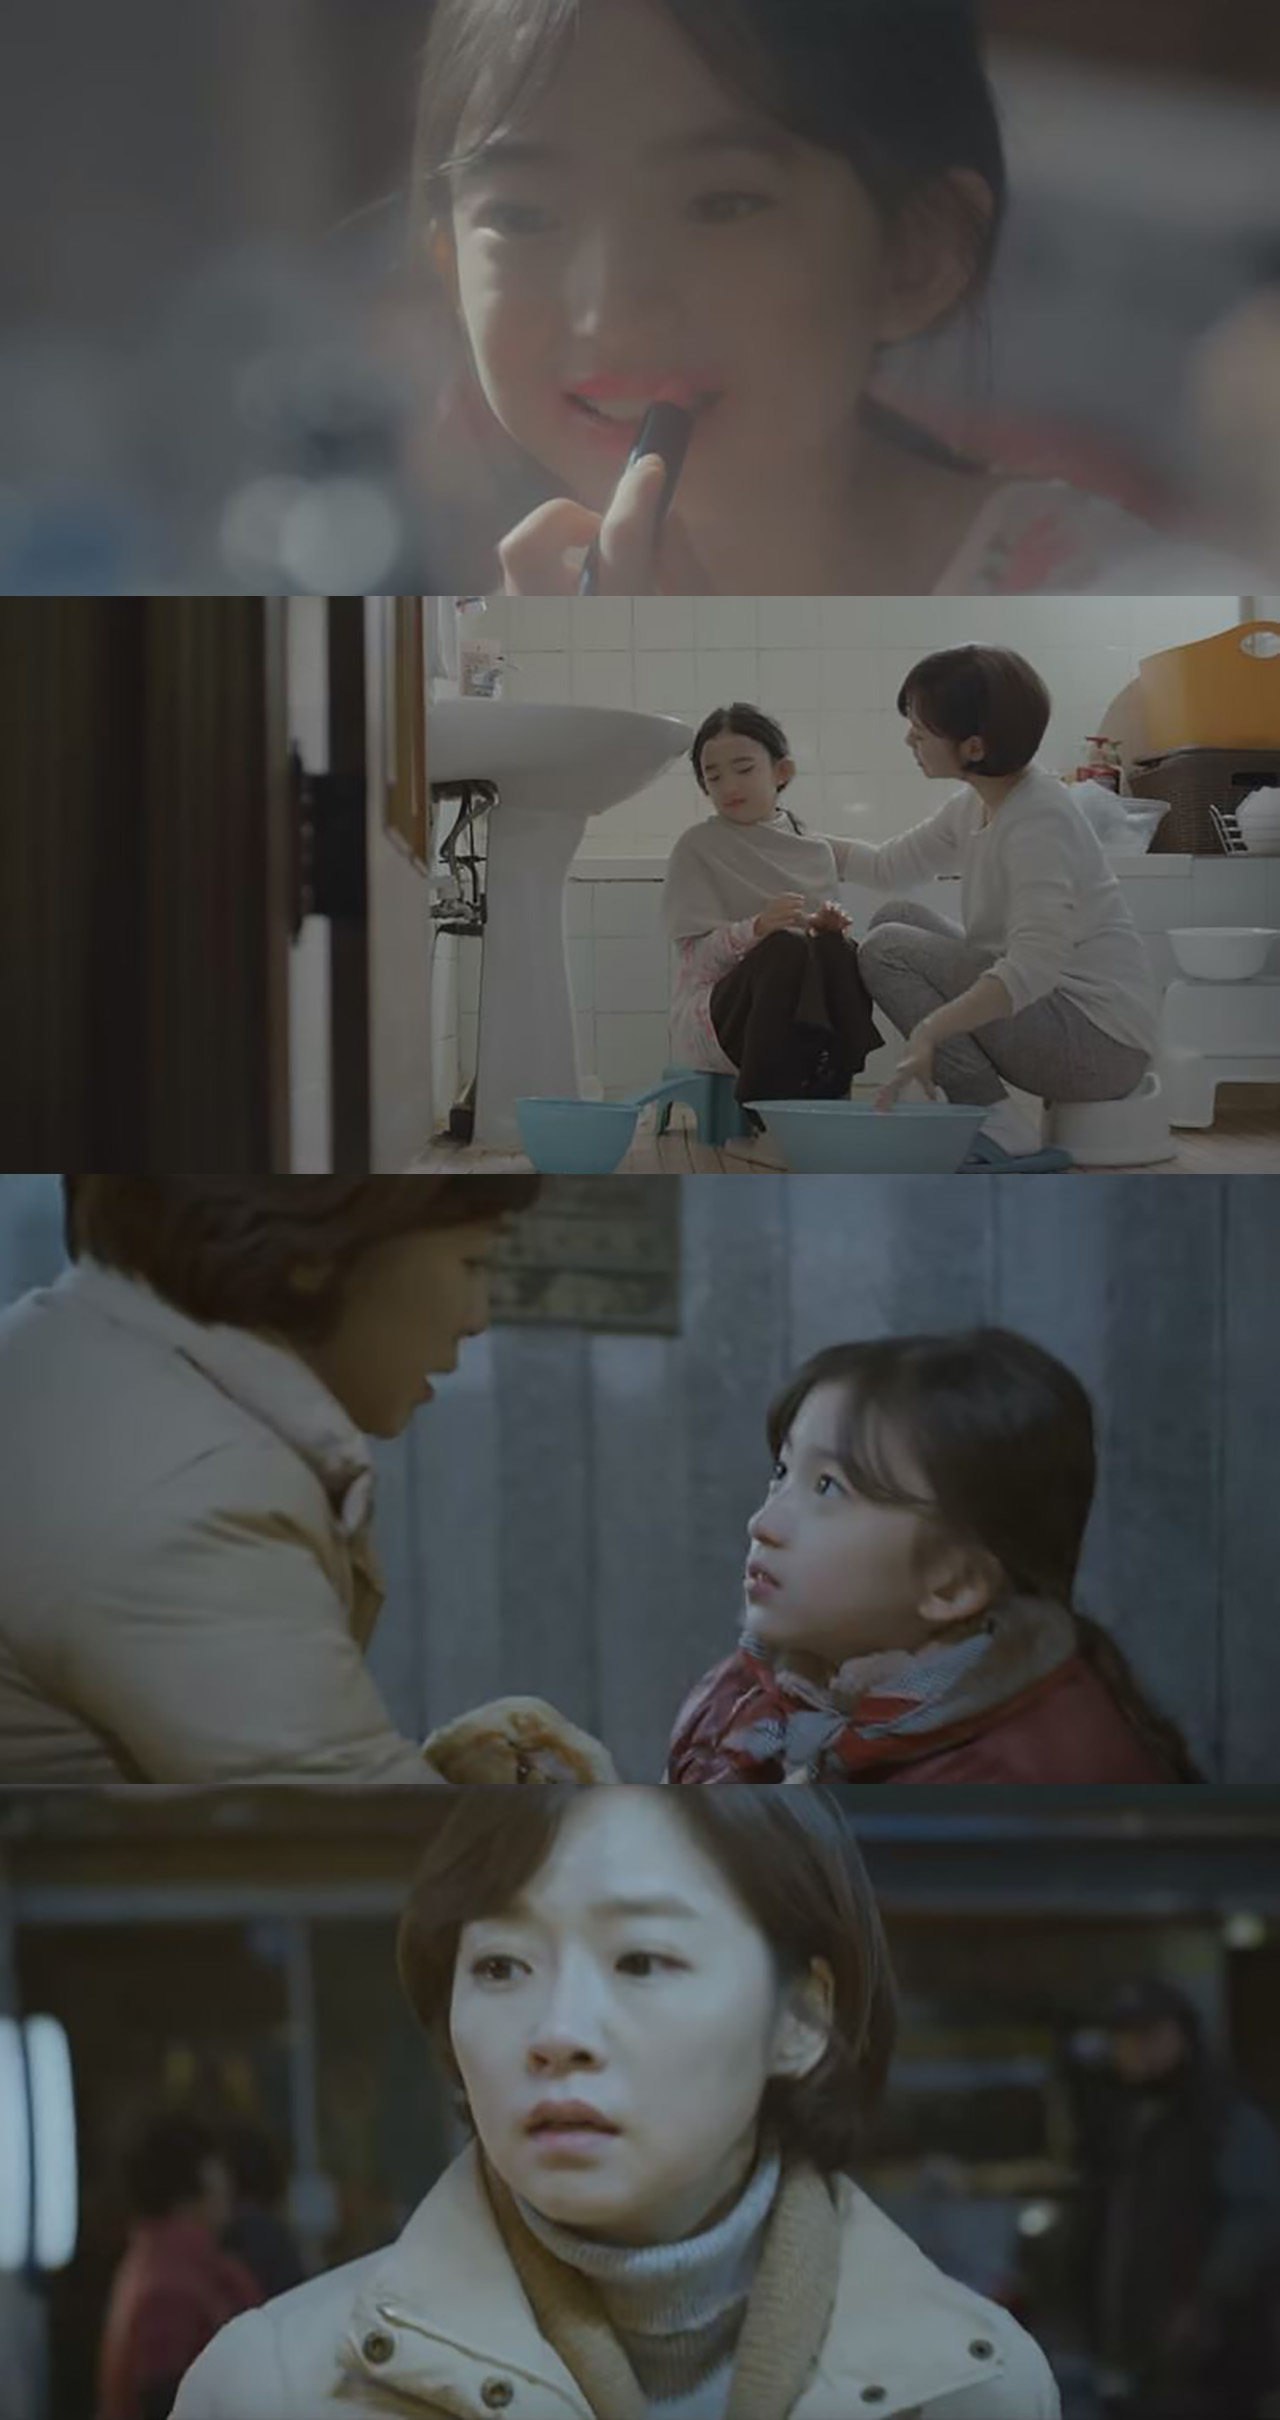 눈물 나는 '치매' 가족의 현실 보여준 청와대 반전 공익 광고